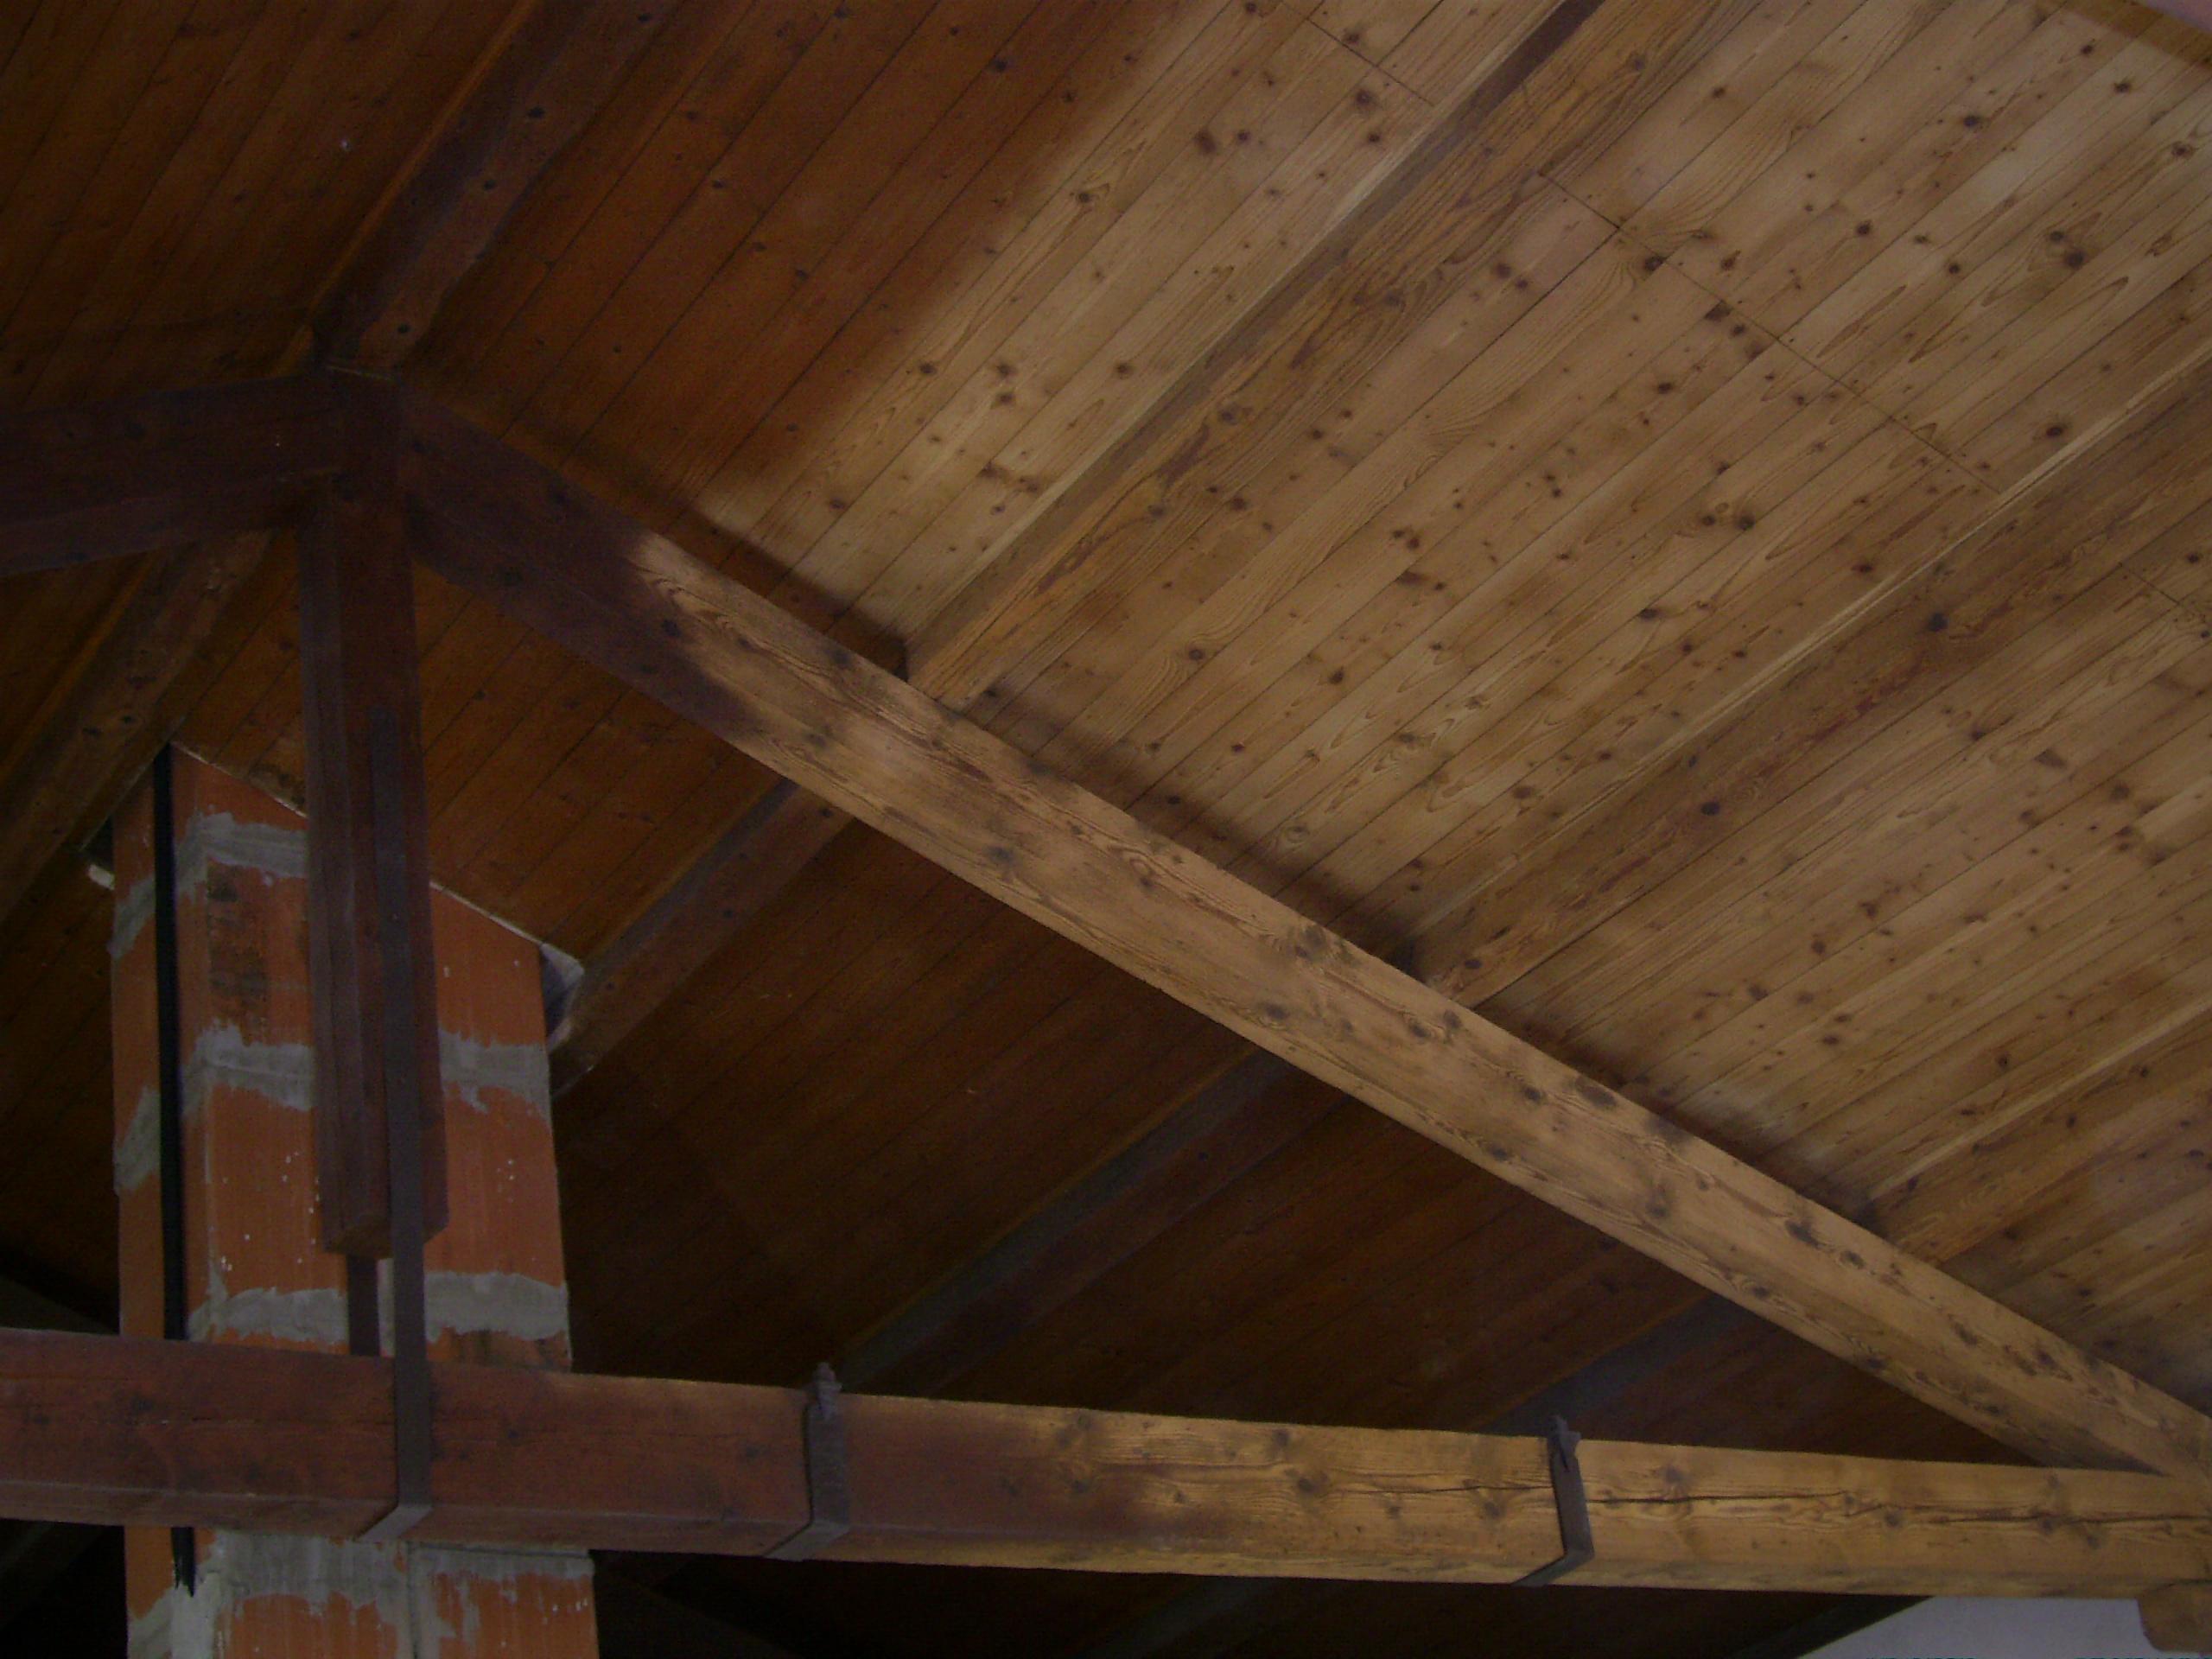 Soffitto Scuro Abbassa: Pareti grigie soffitto bianco colorate design la. Pareti della cucina ...